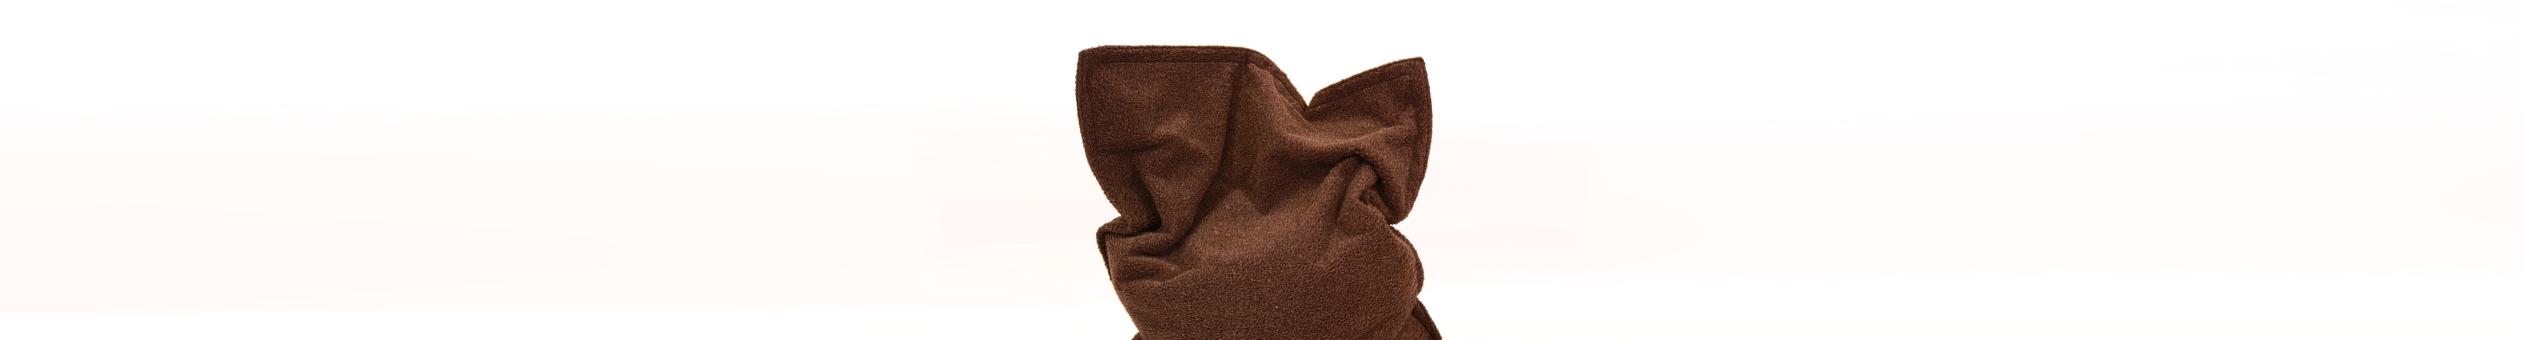 Sitzsack Outdoor Wooly - Outoor Sitzsack kaufen bei SuperSack